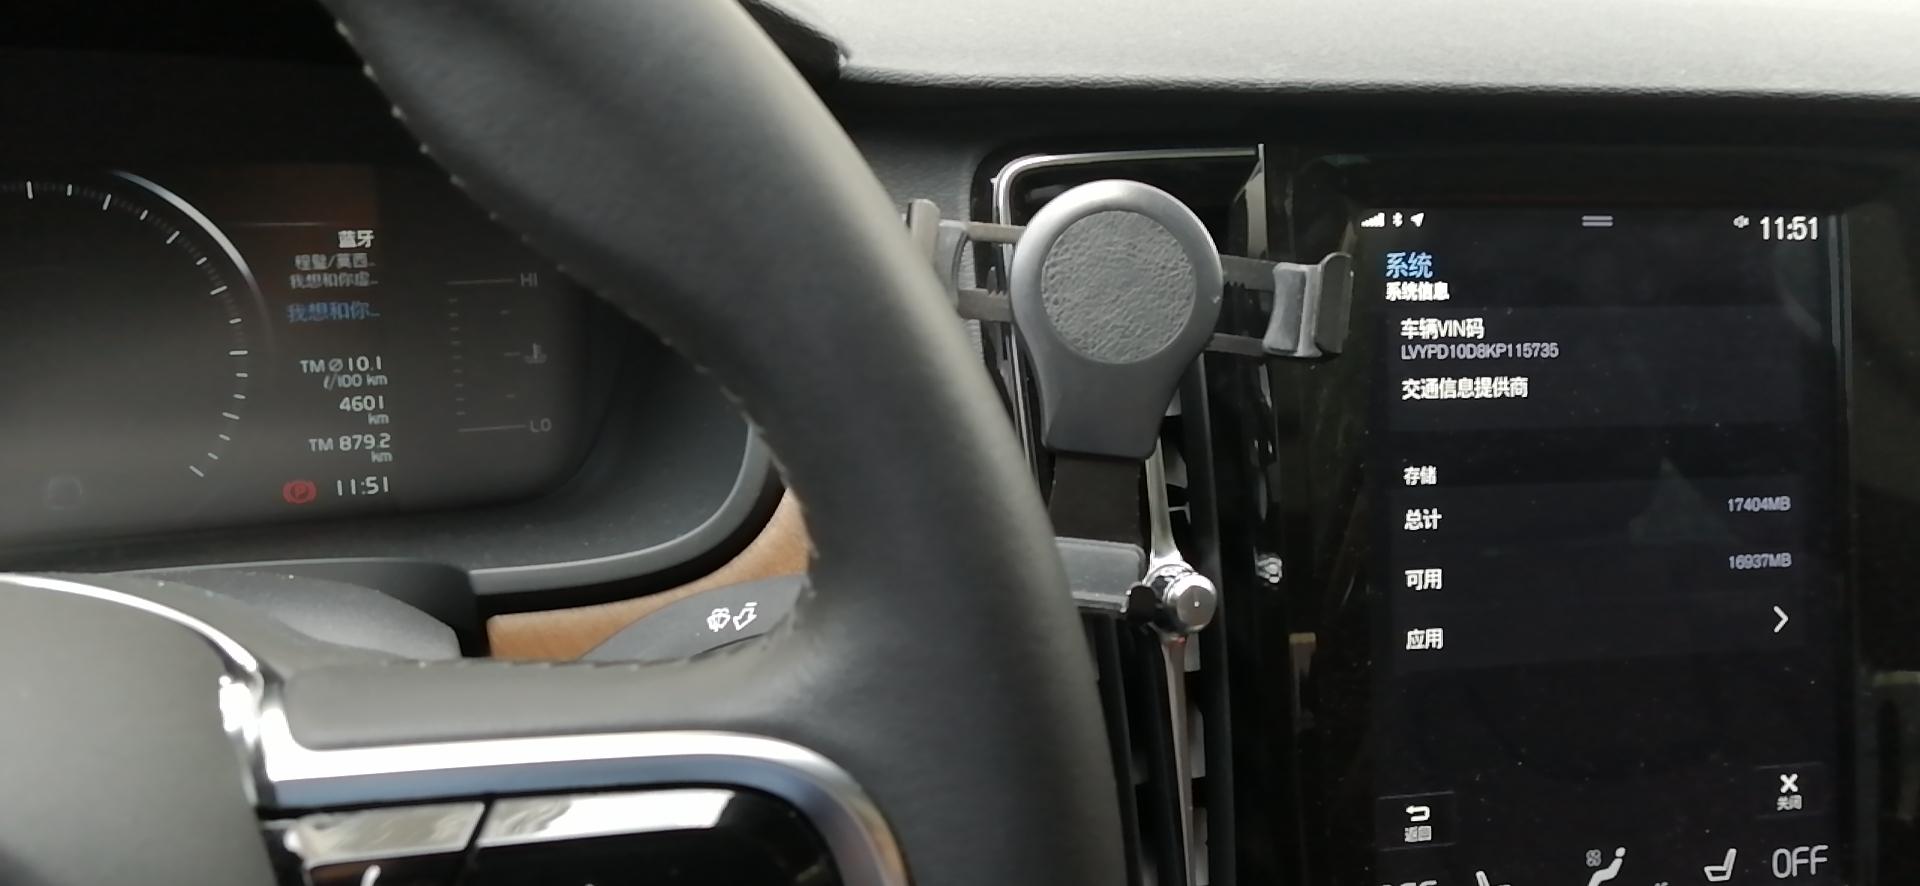 沃尔沃-沃尔沃S90 座椅异响一直处理不好,要求更换座椅框架,4S店和厂家互相踢皮球